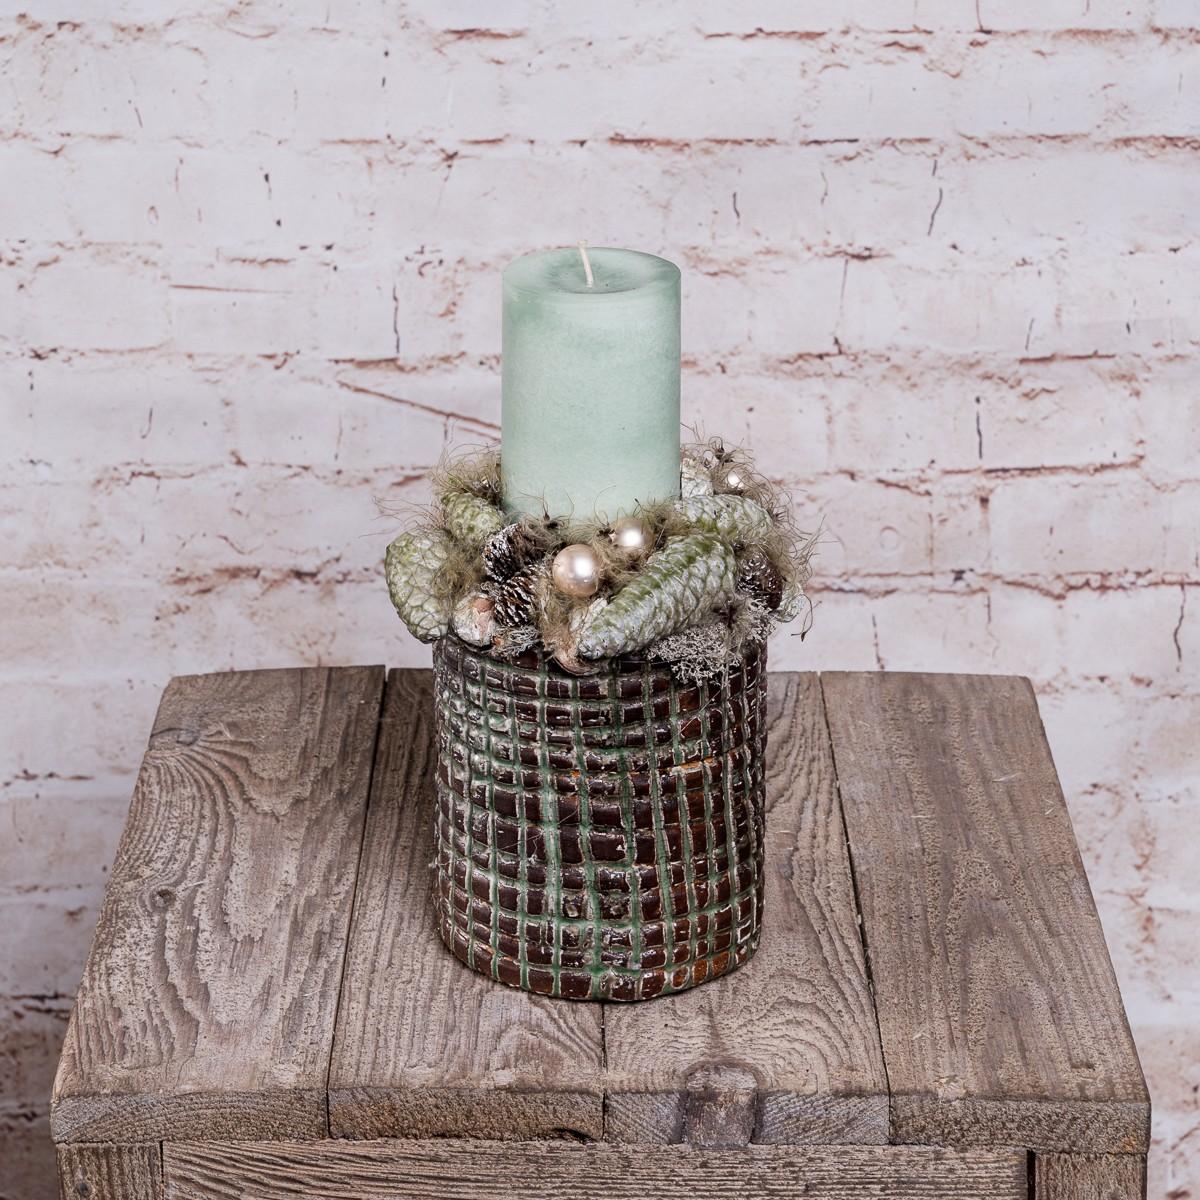 Kerzengesteck in Mint-Tönen Bild 1